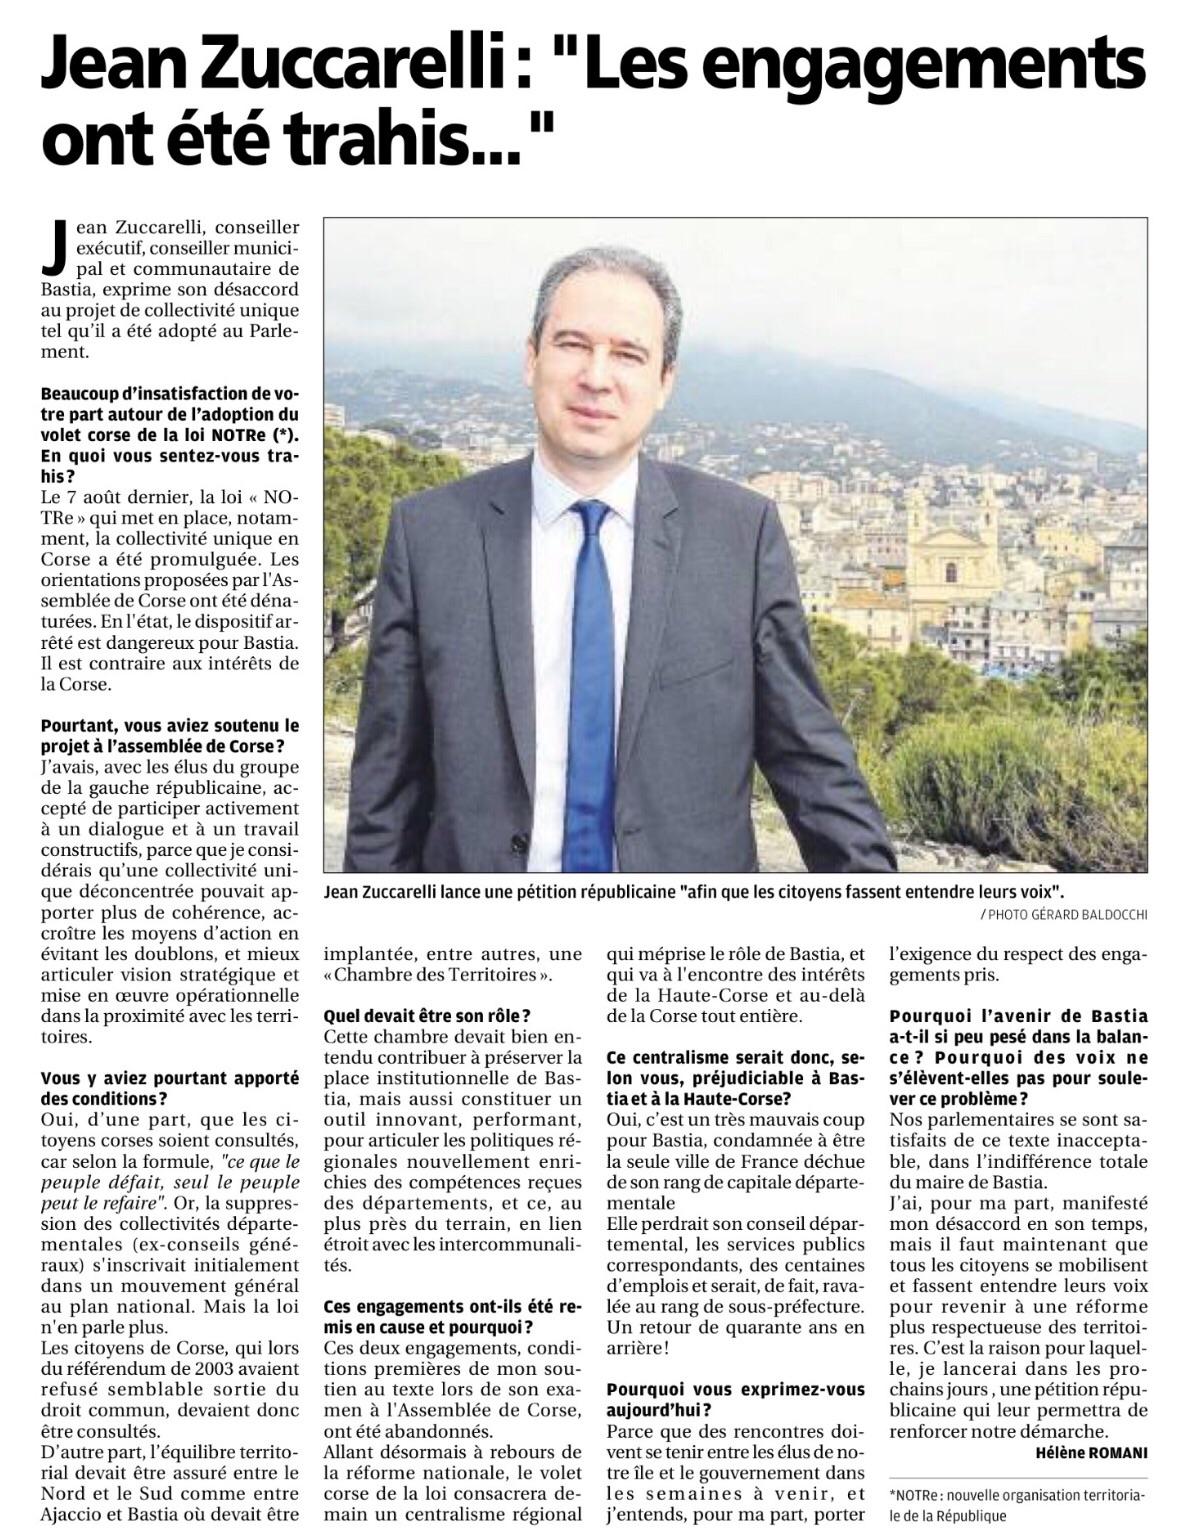 En l'état, le projet de collectivité unique est catastrophique pour Bastia et contraire aux intérêts de la Corse.